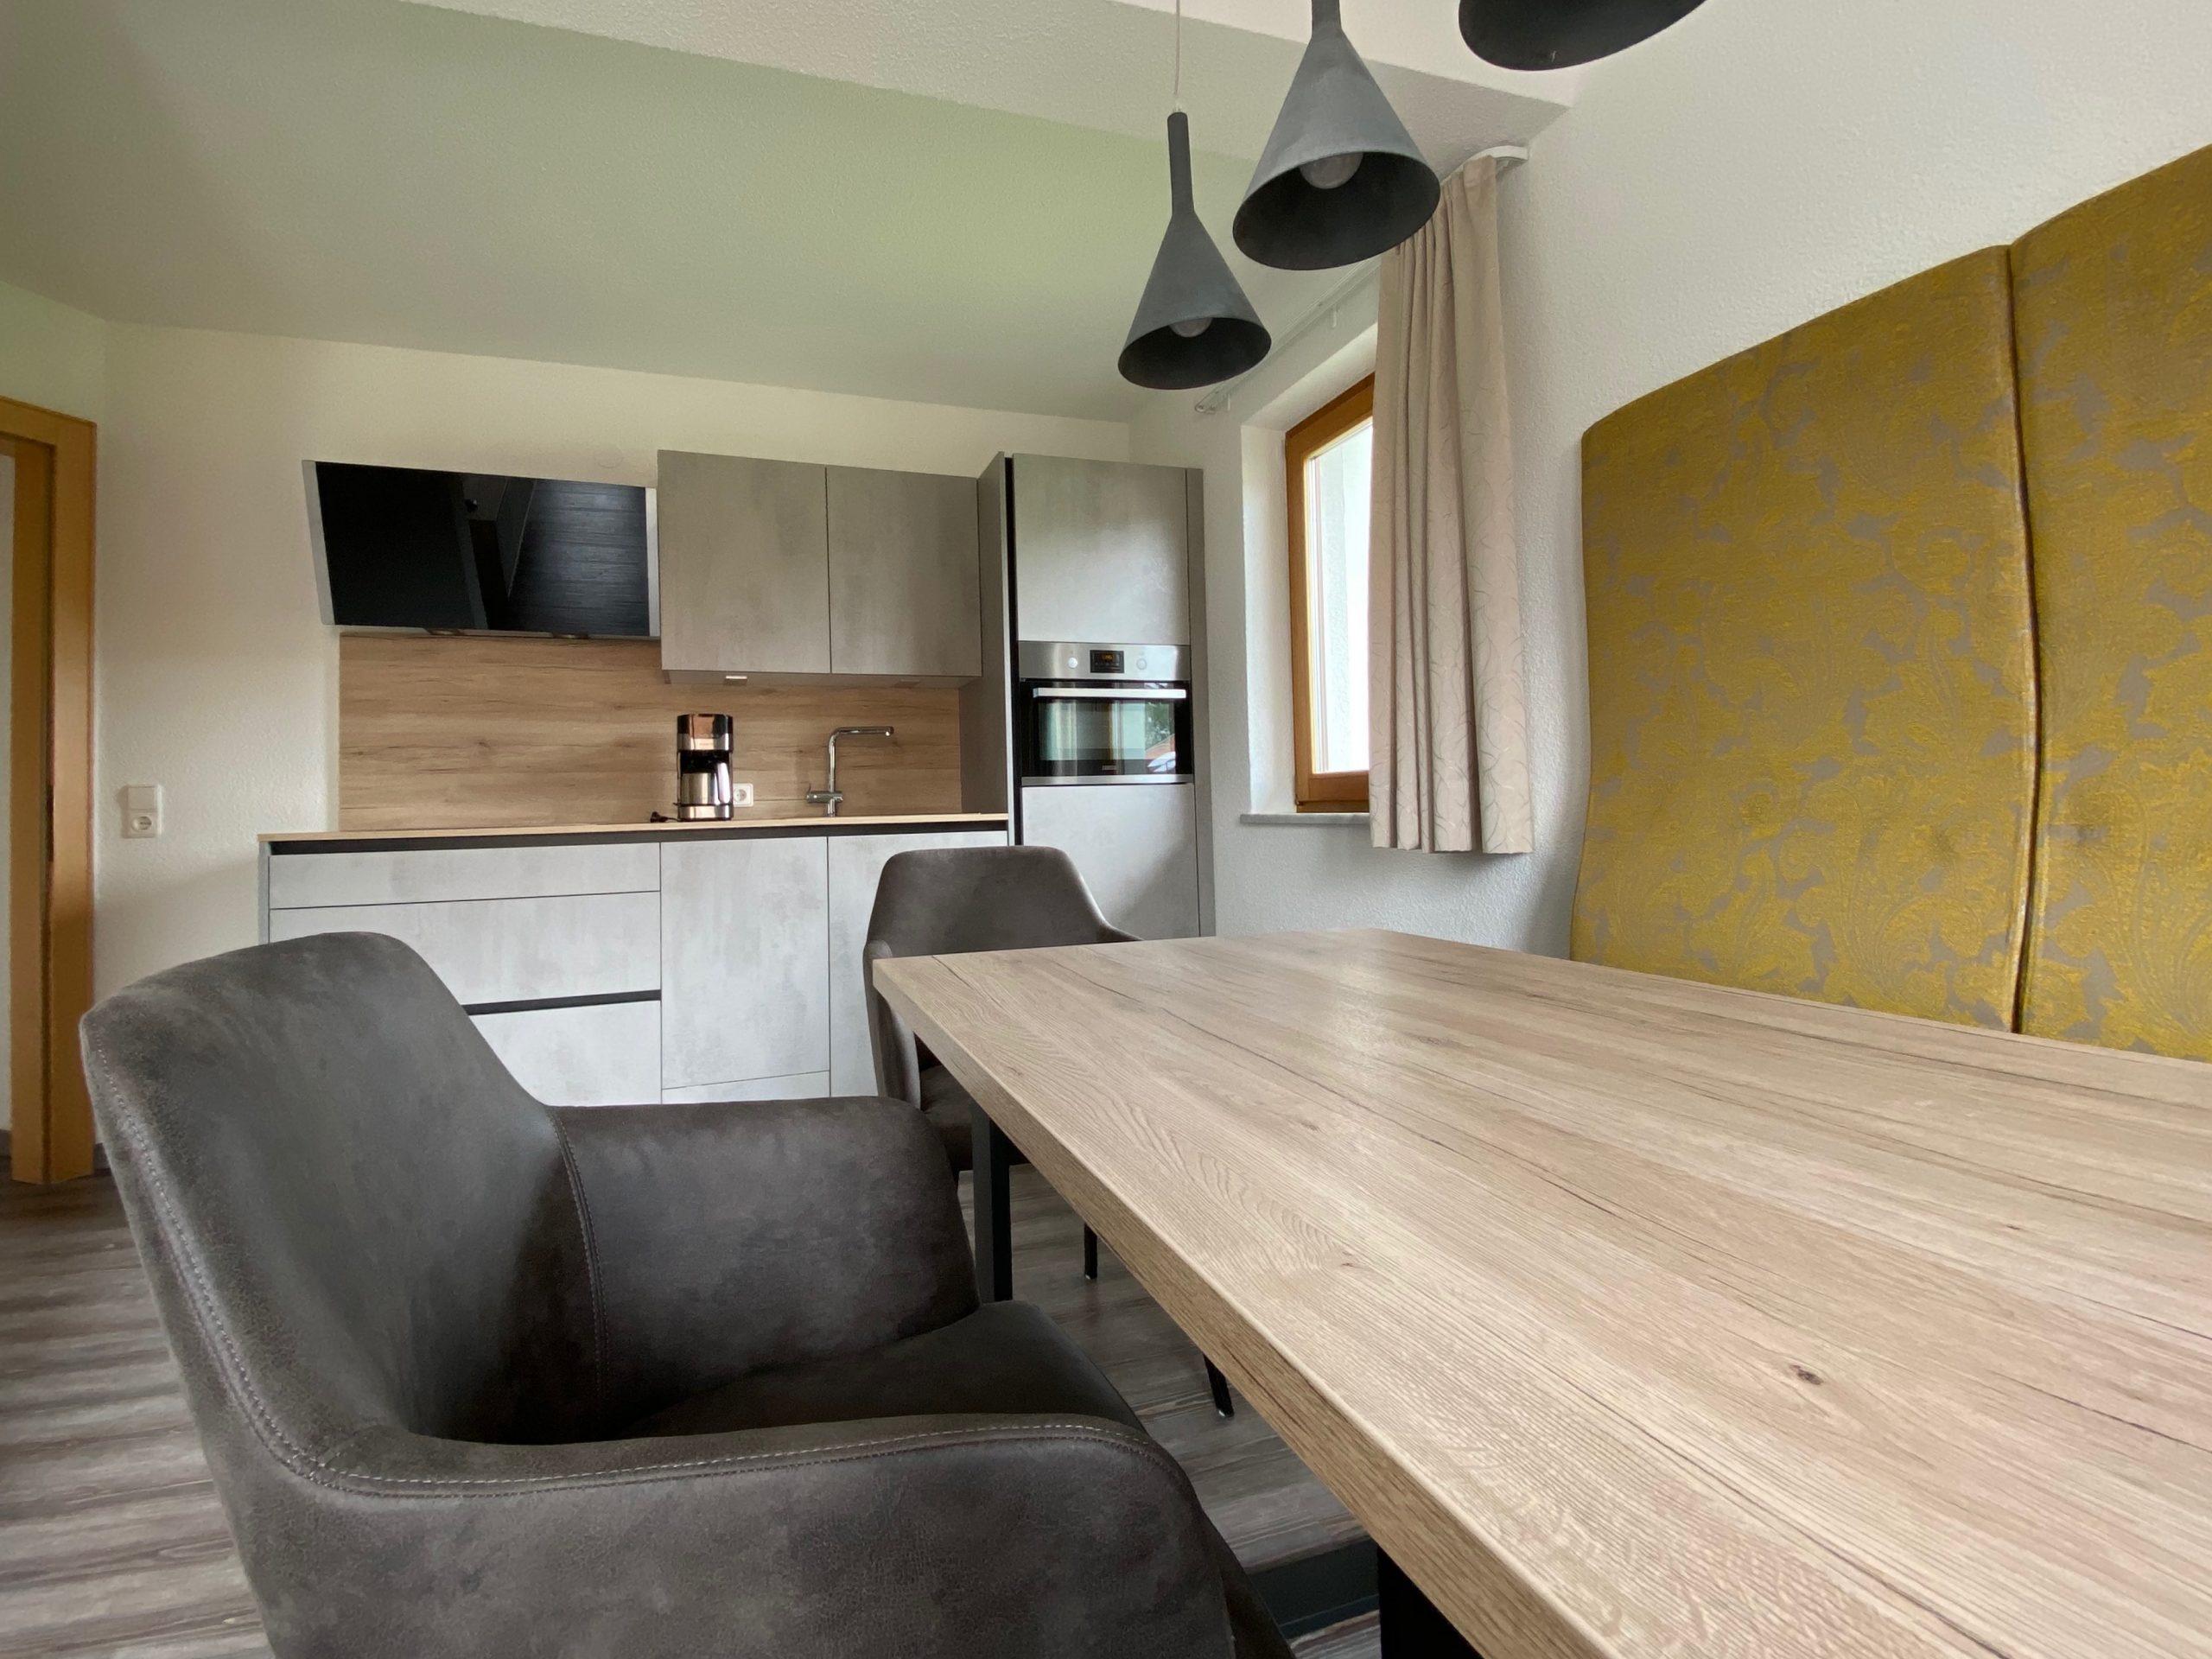 Ferienwohnung 1, Wohnzimmer und Küche